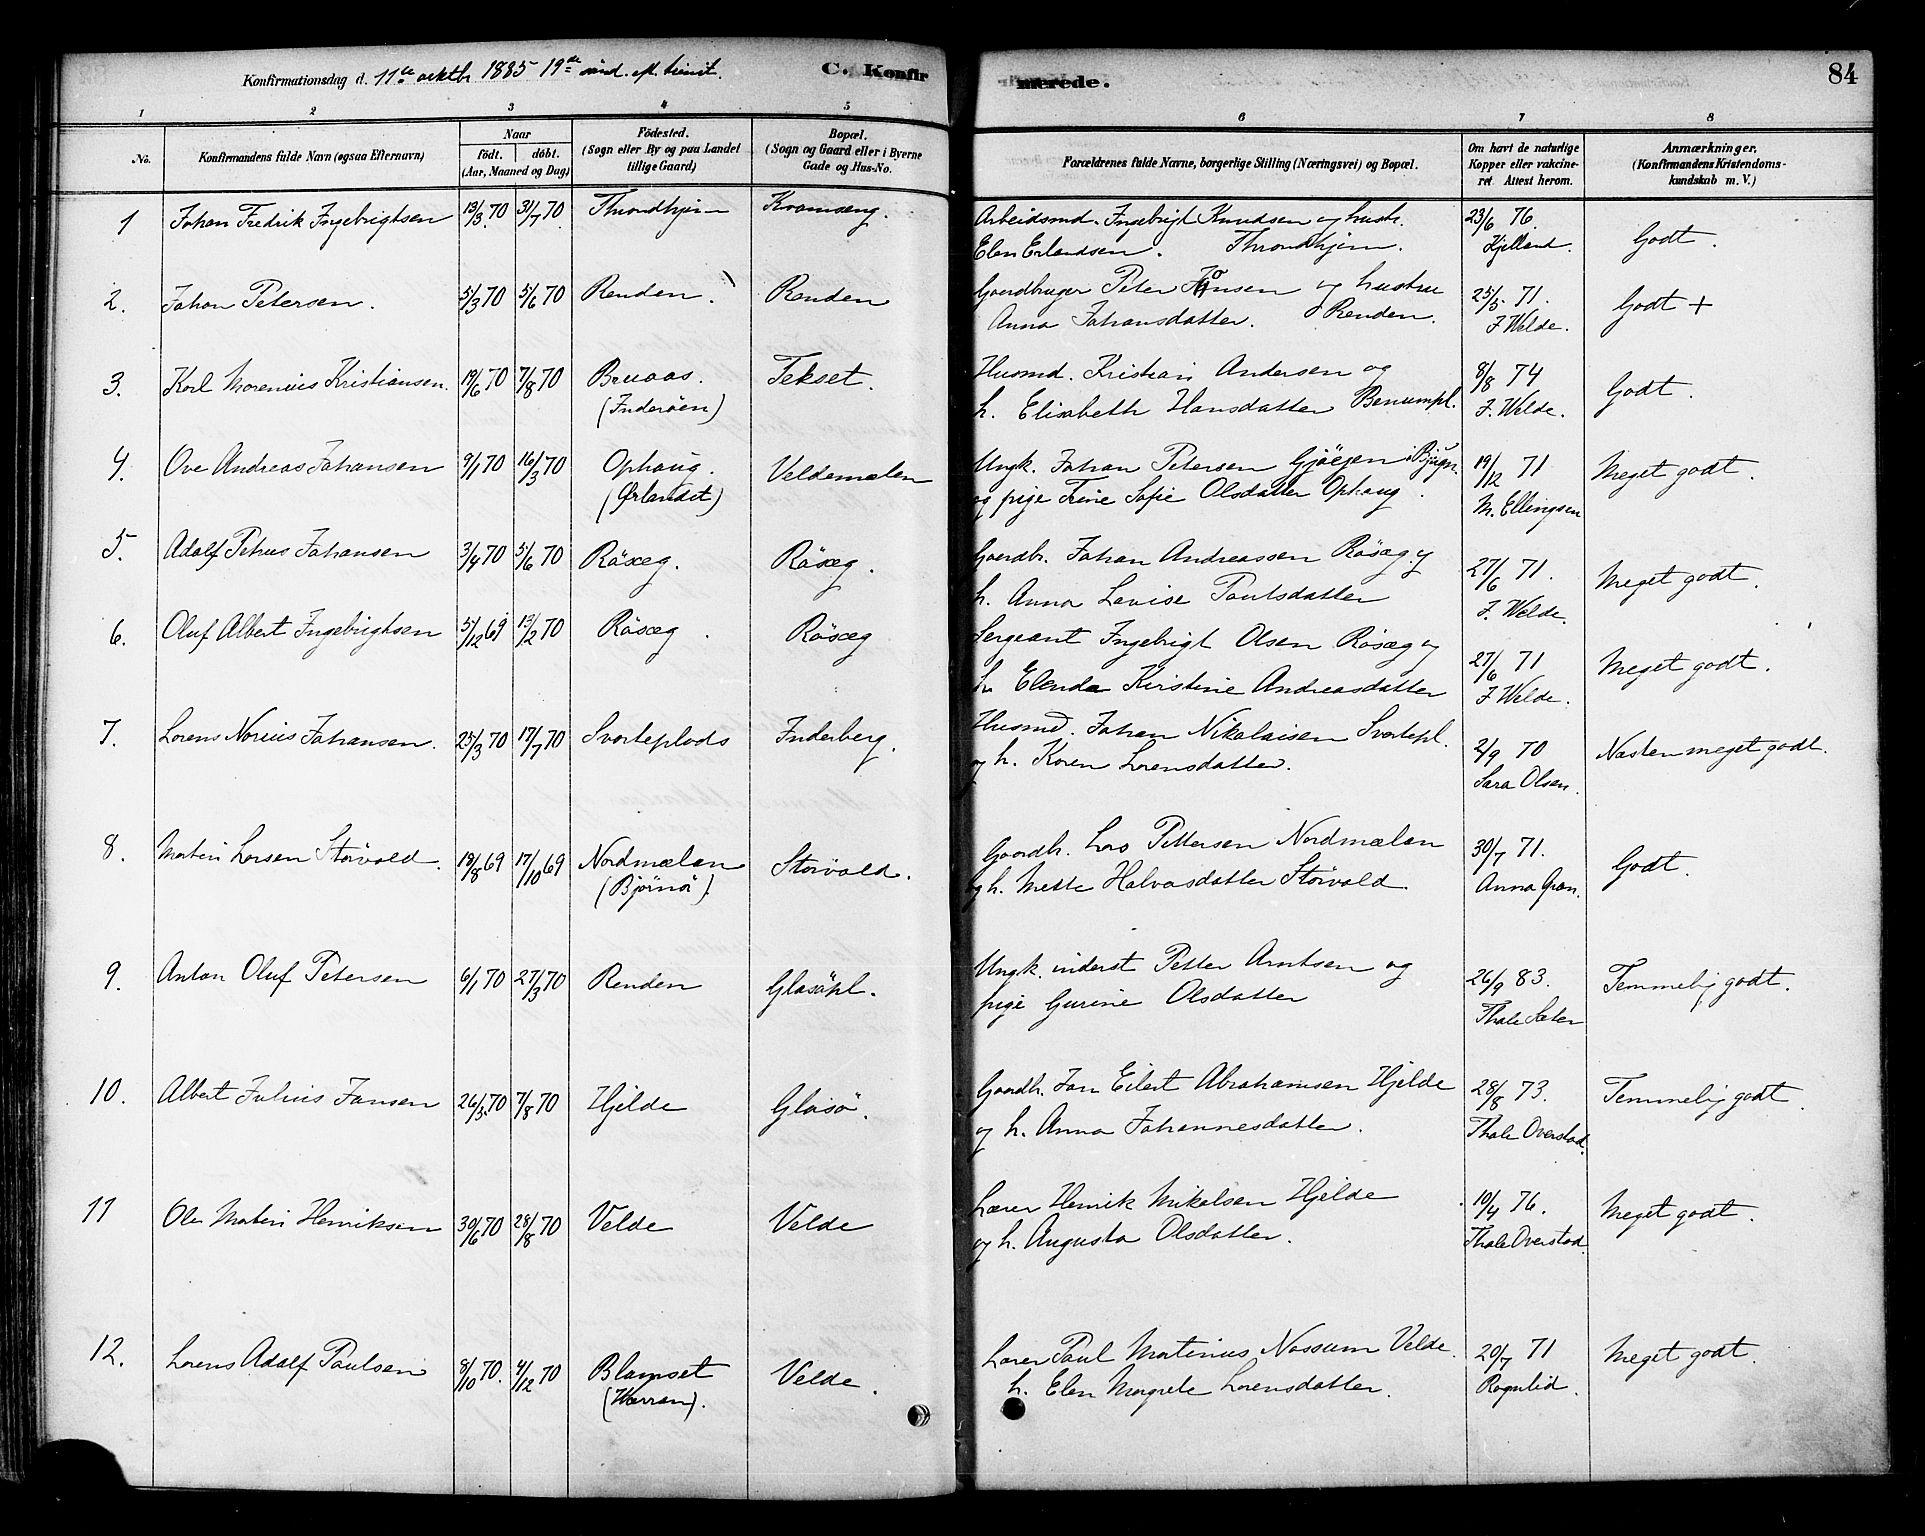 SAT, Ministerialprotokoller, klokkerbøker og fødselsregistre - Nord-Trøndelag, 741/L0395: Ministerialbok nr. 741A09, 1878-1888, s. 84